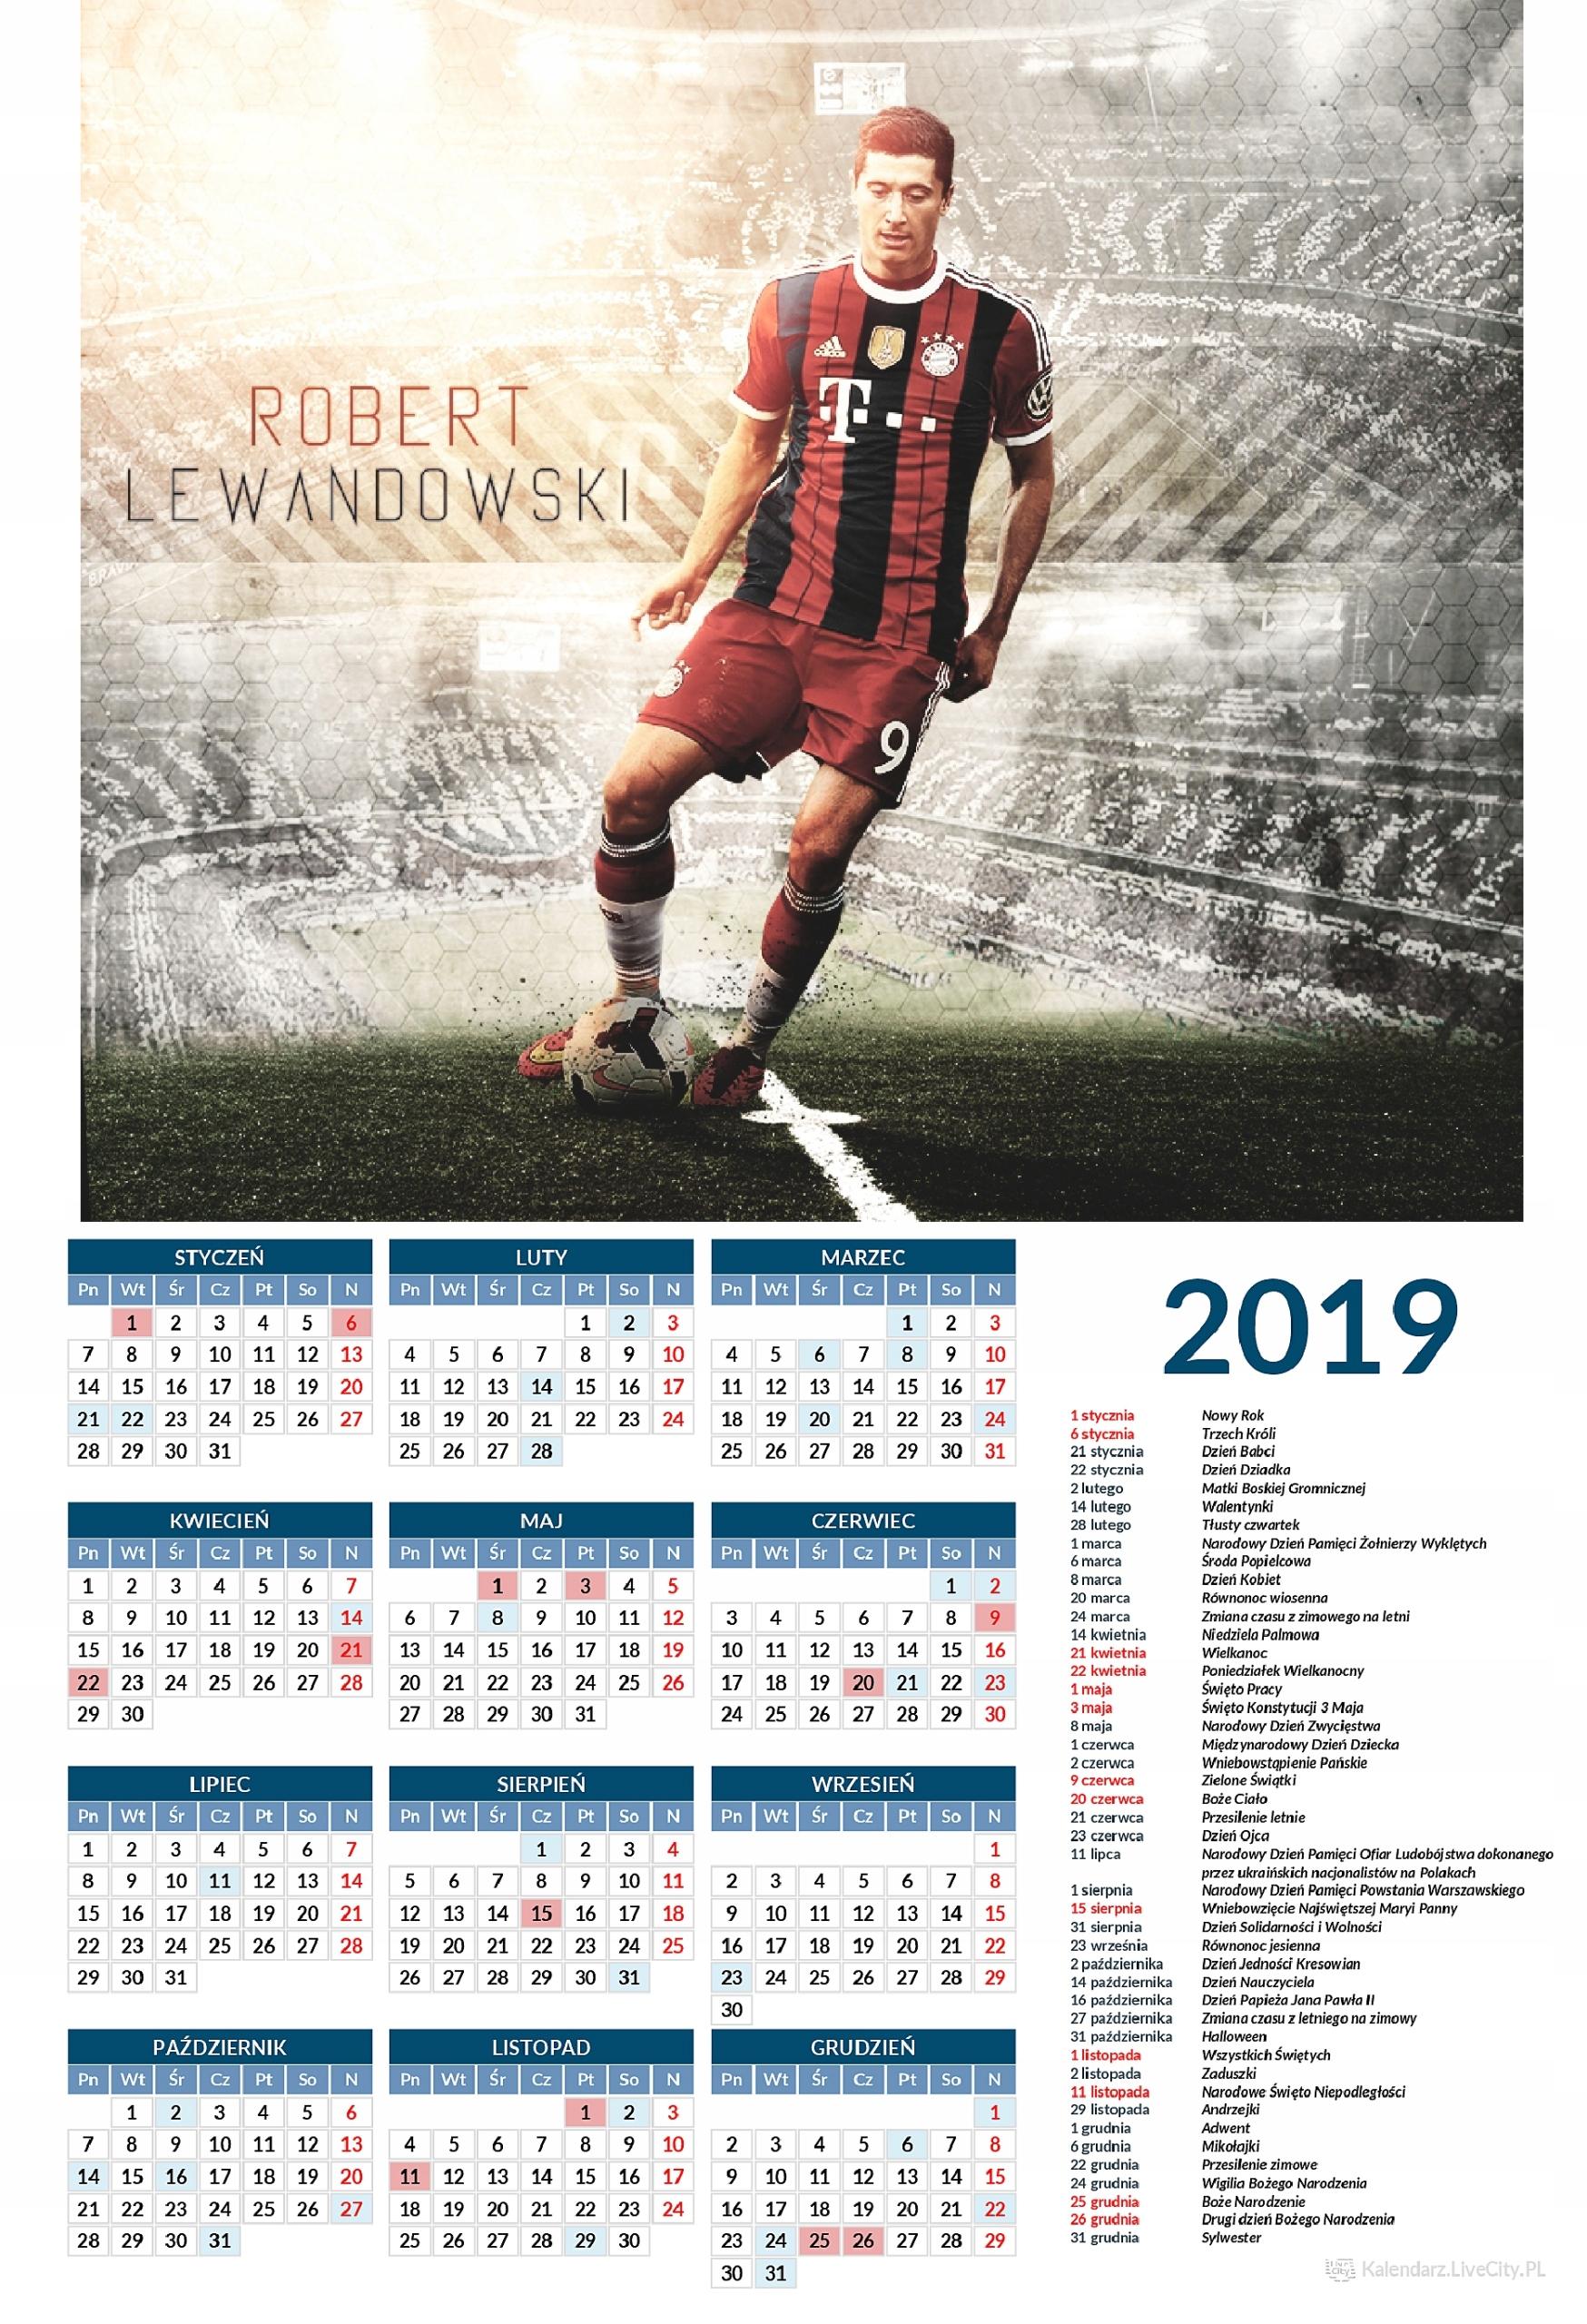 Kalendarz 2019 LEWANDOWSKI